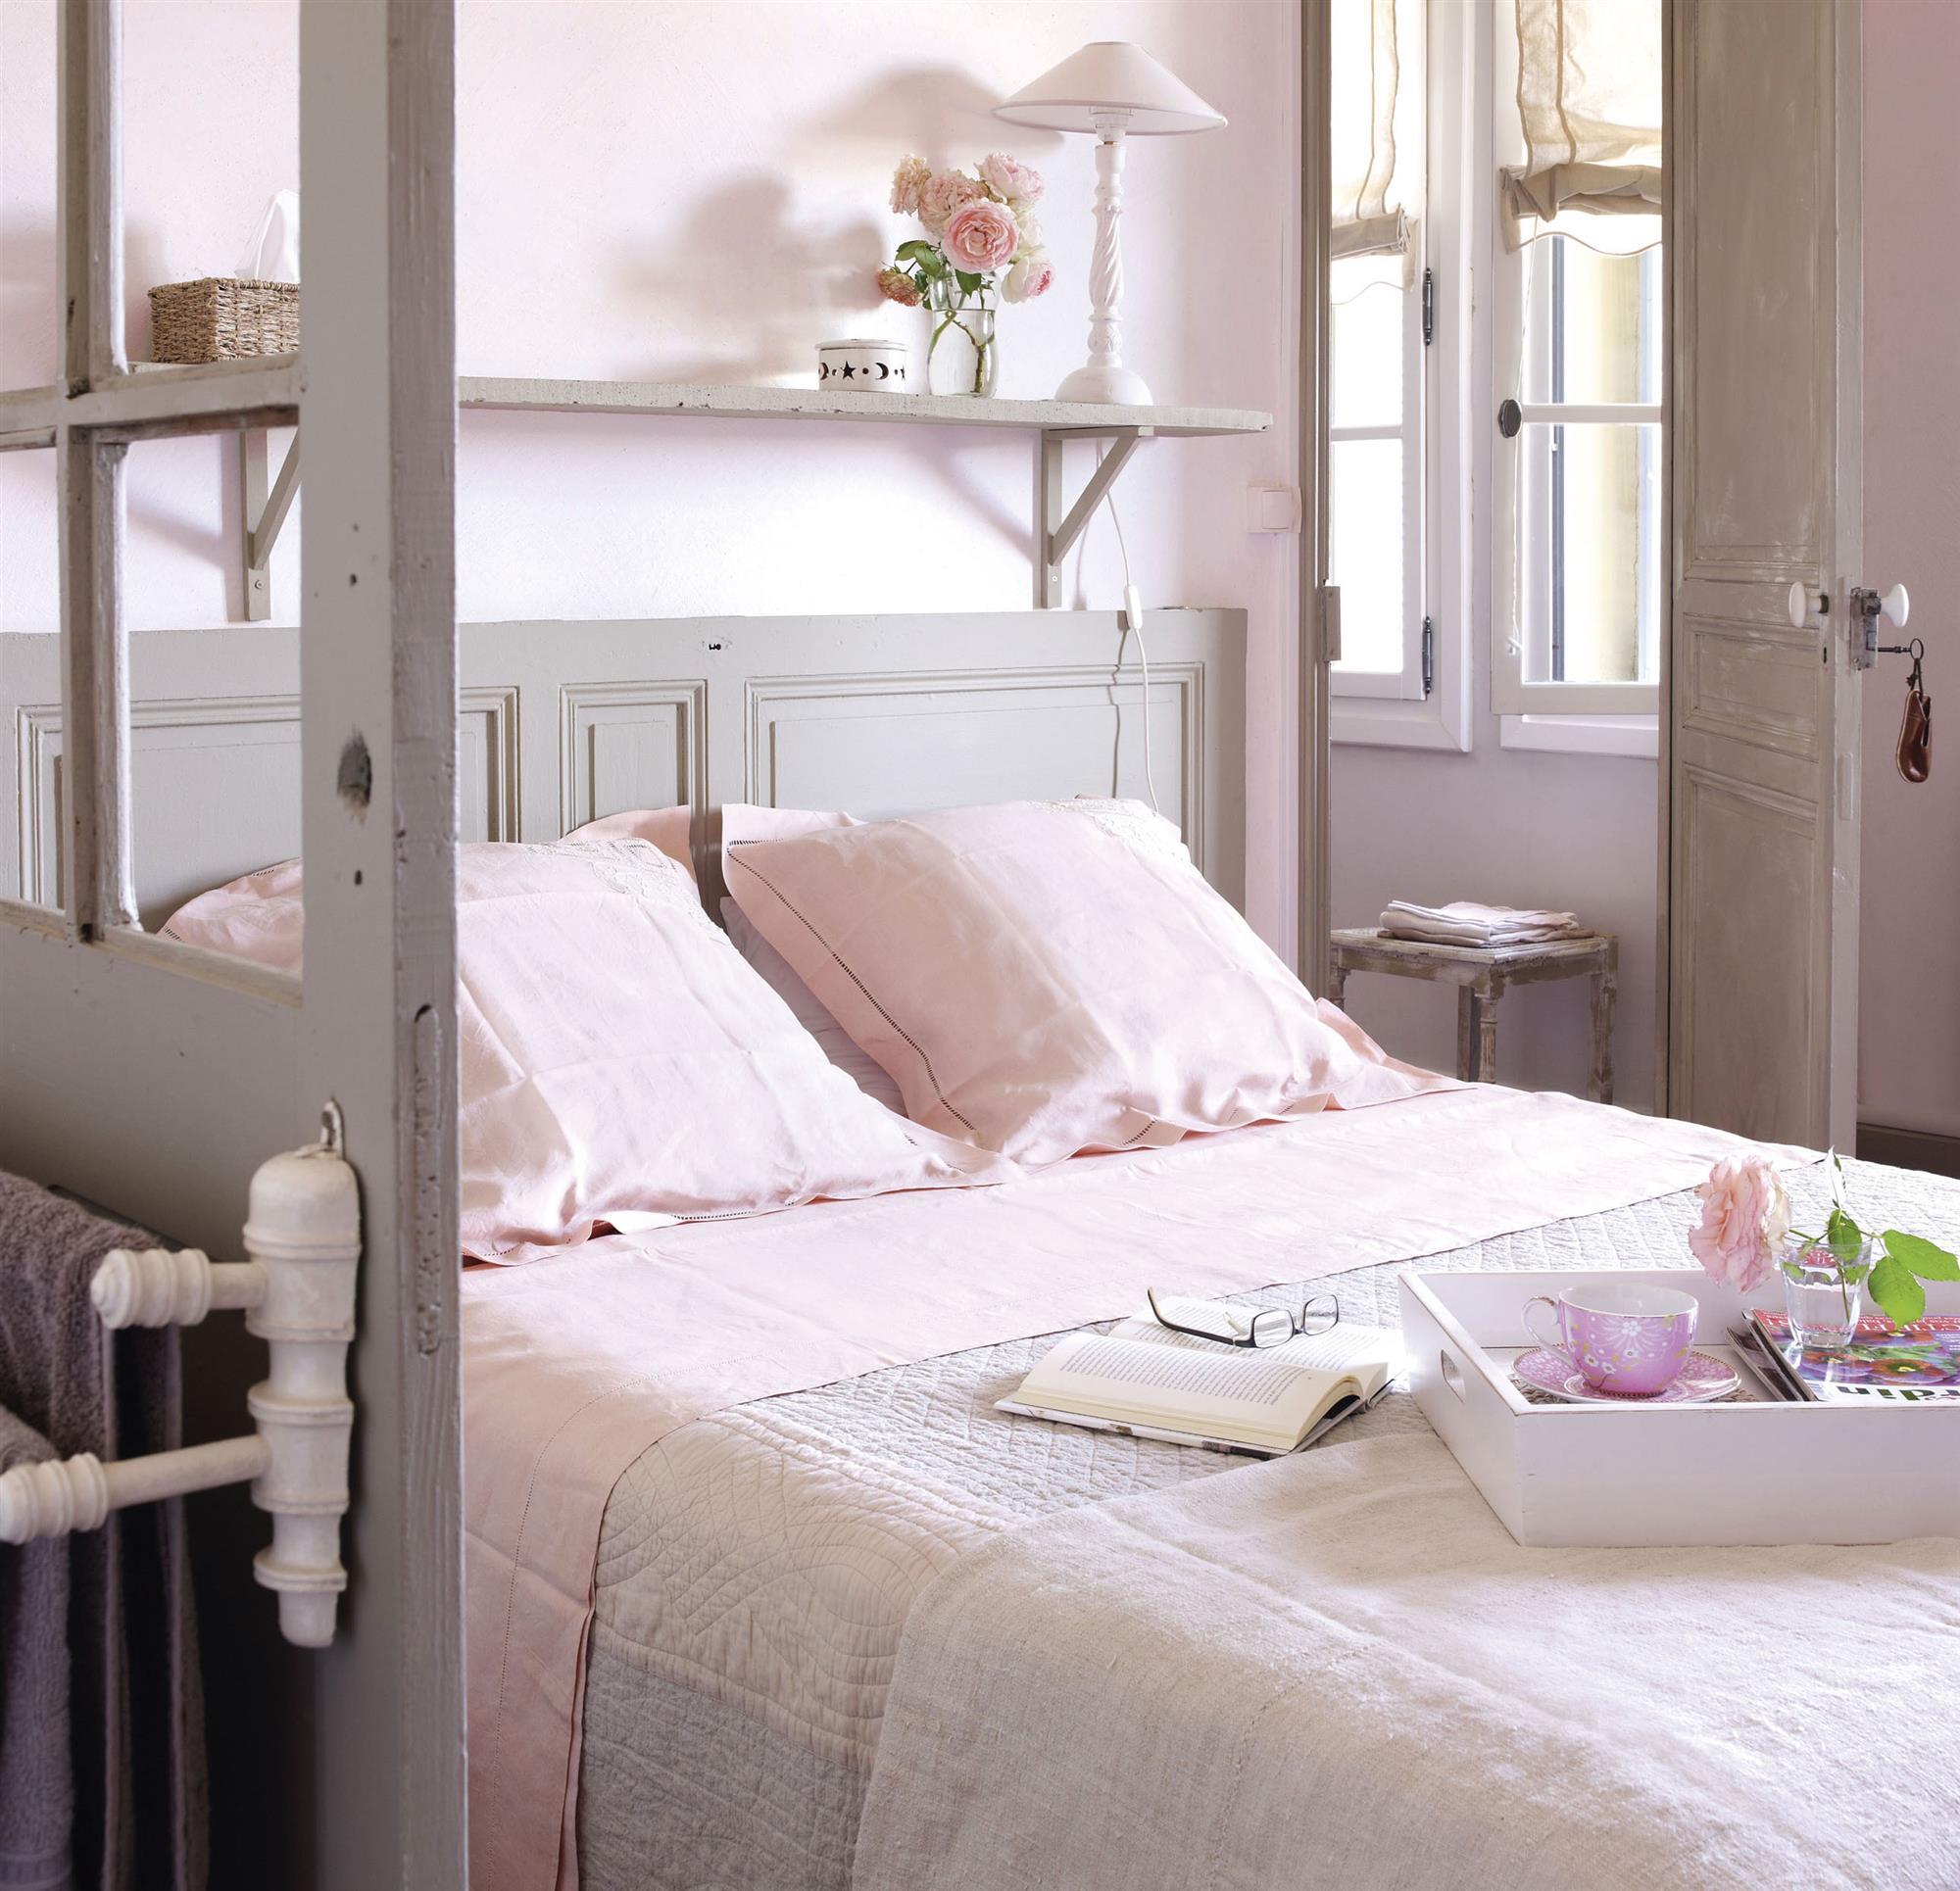 Tendencias de decoraci n en color rosa for Dormitorios pintados en gris